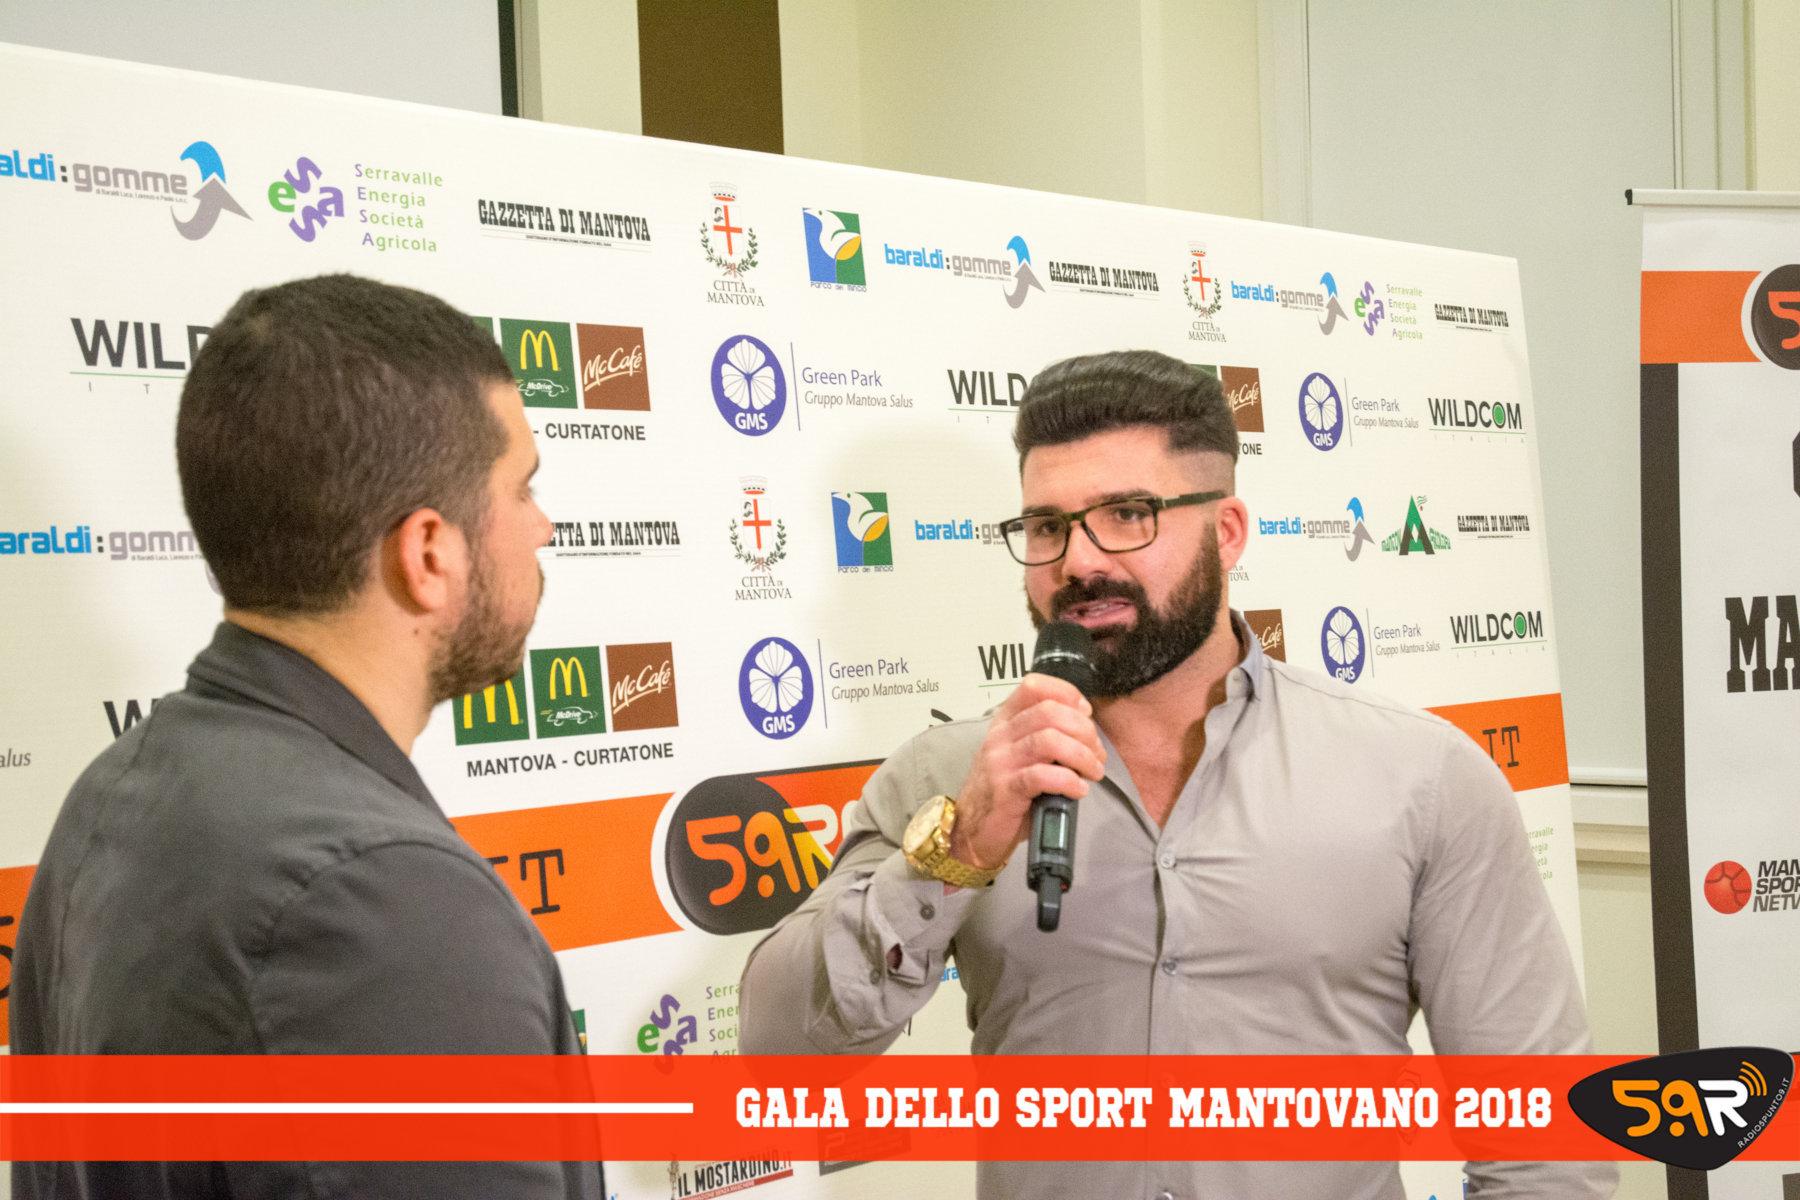 Gala dello Sport Mantovano 2018 Web Radio 5 (36)